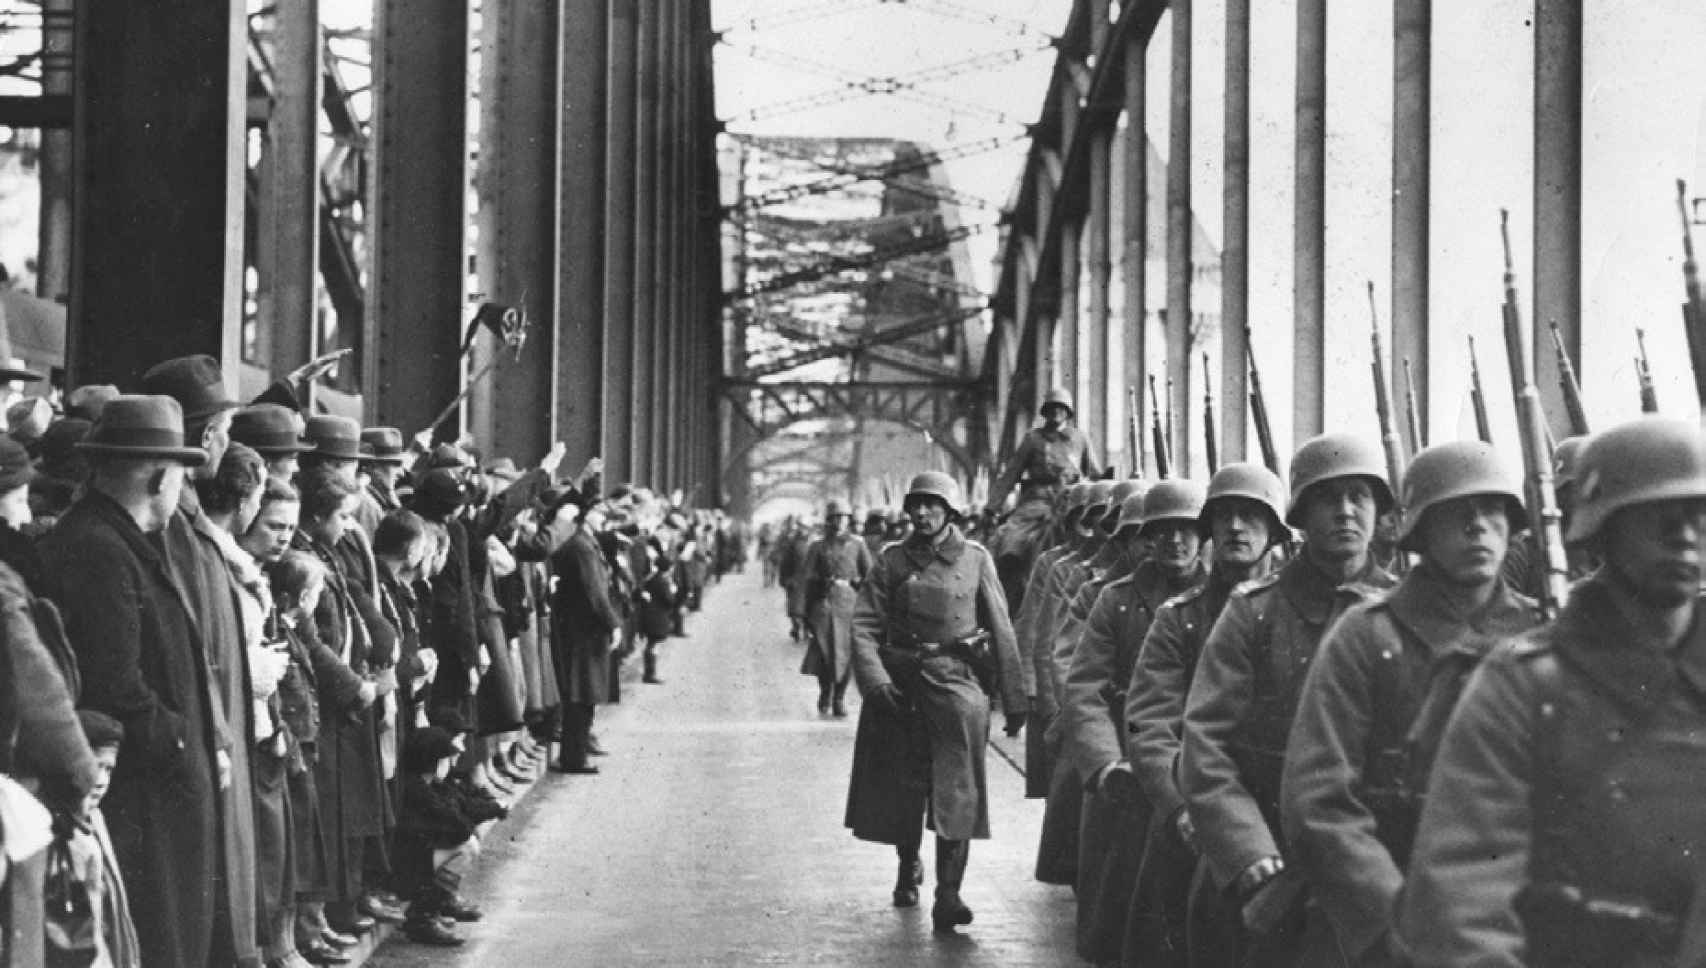 Las tropas alemanas entrando en Renania el 7 de marzo de 1936.